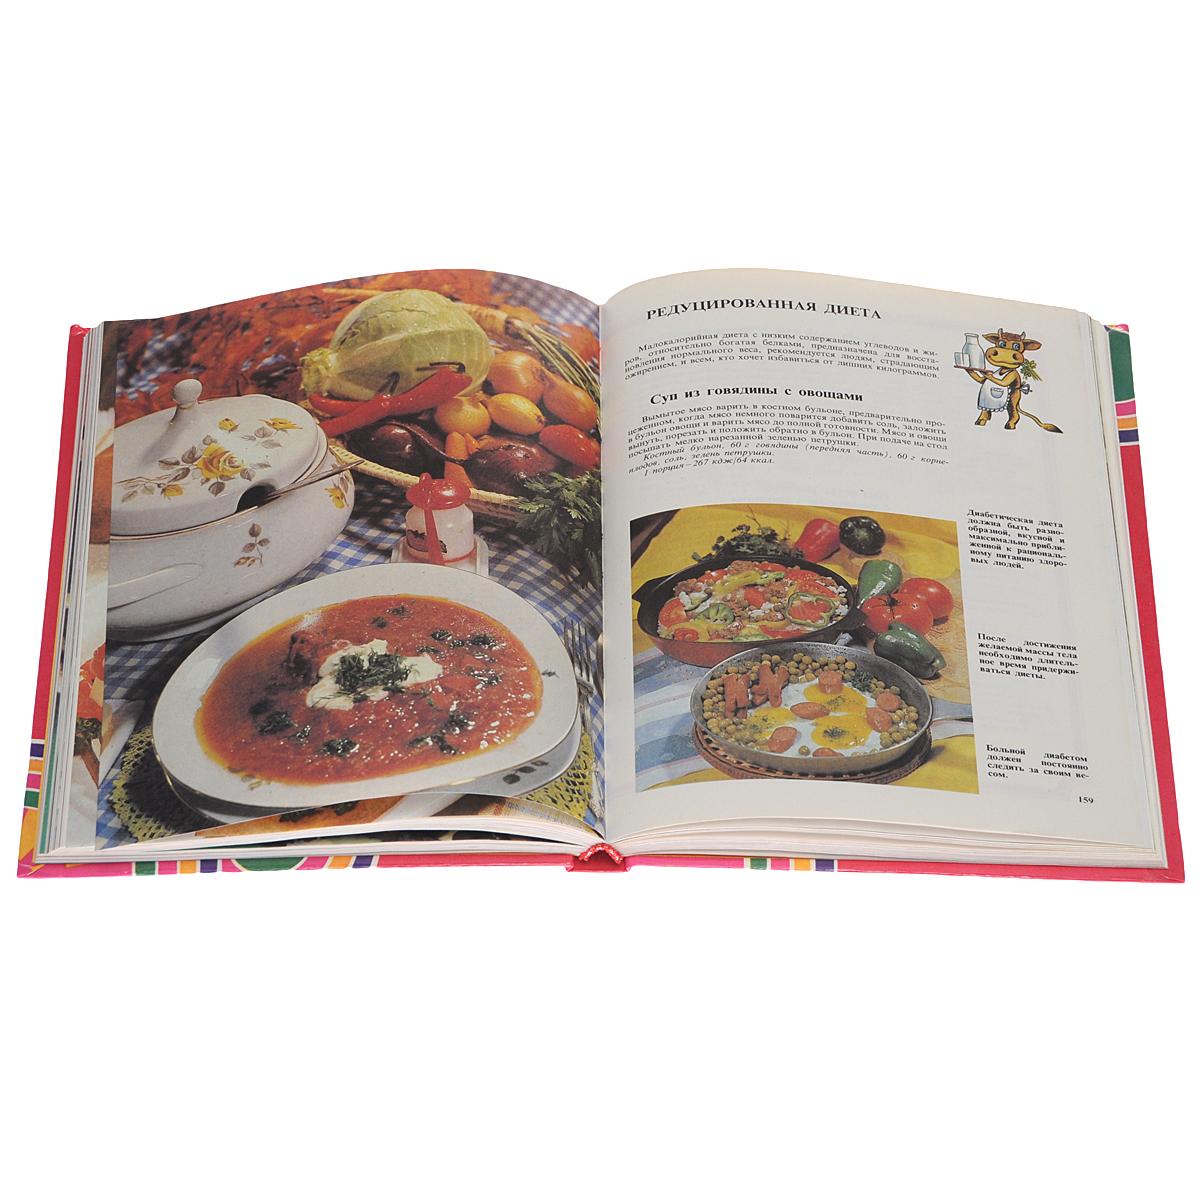 Искусство кулинарии. Секреты приготовления различных блюд и напитков